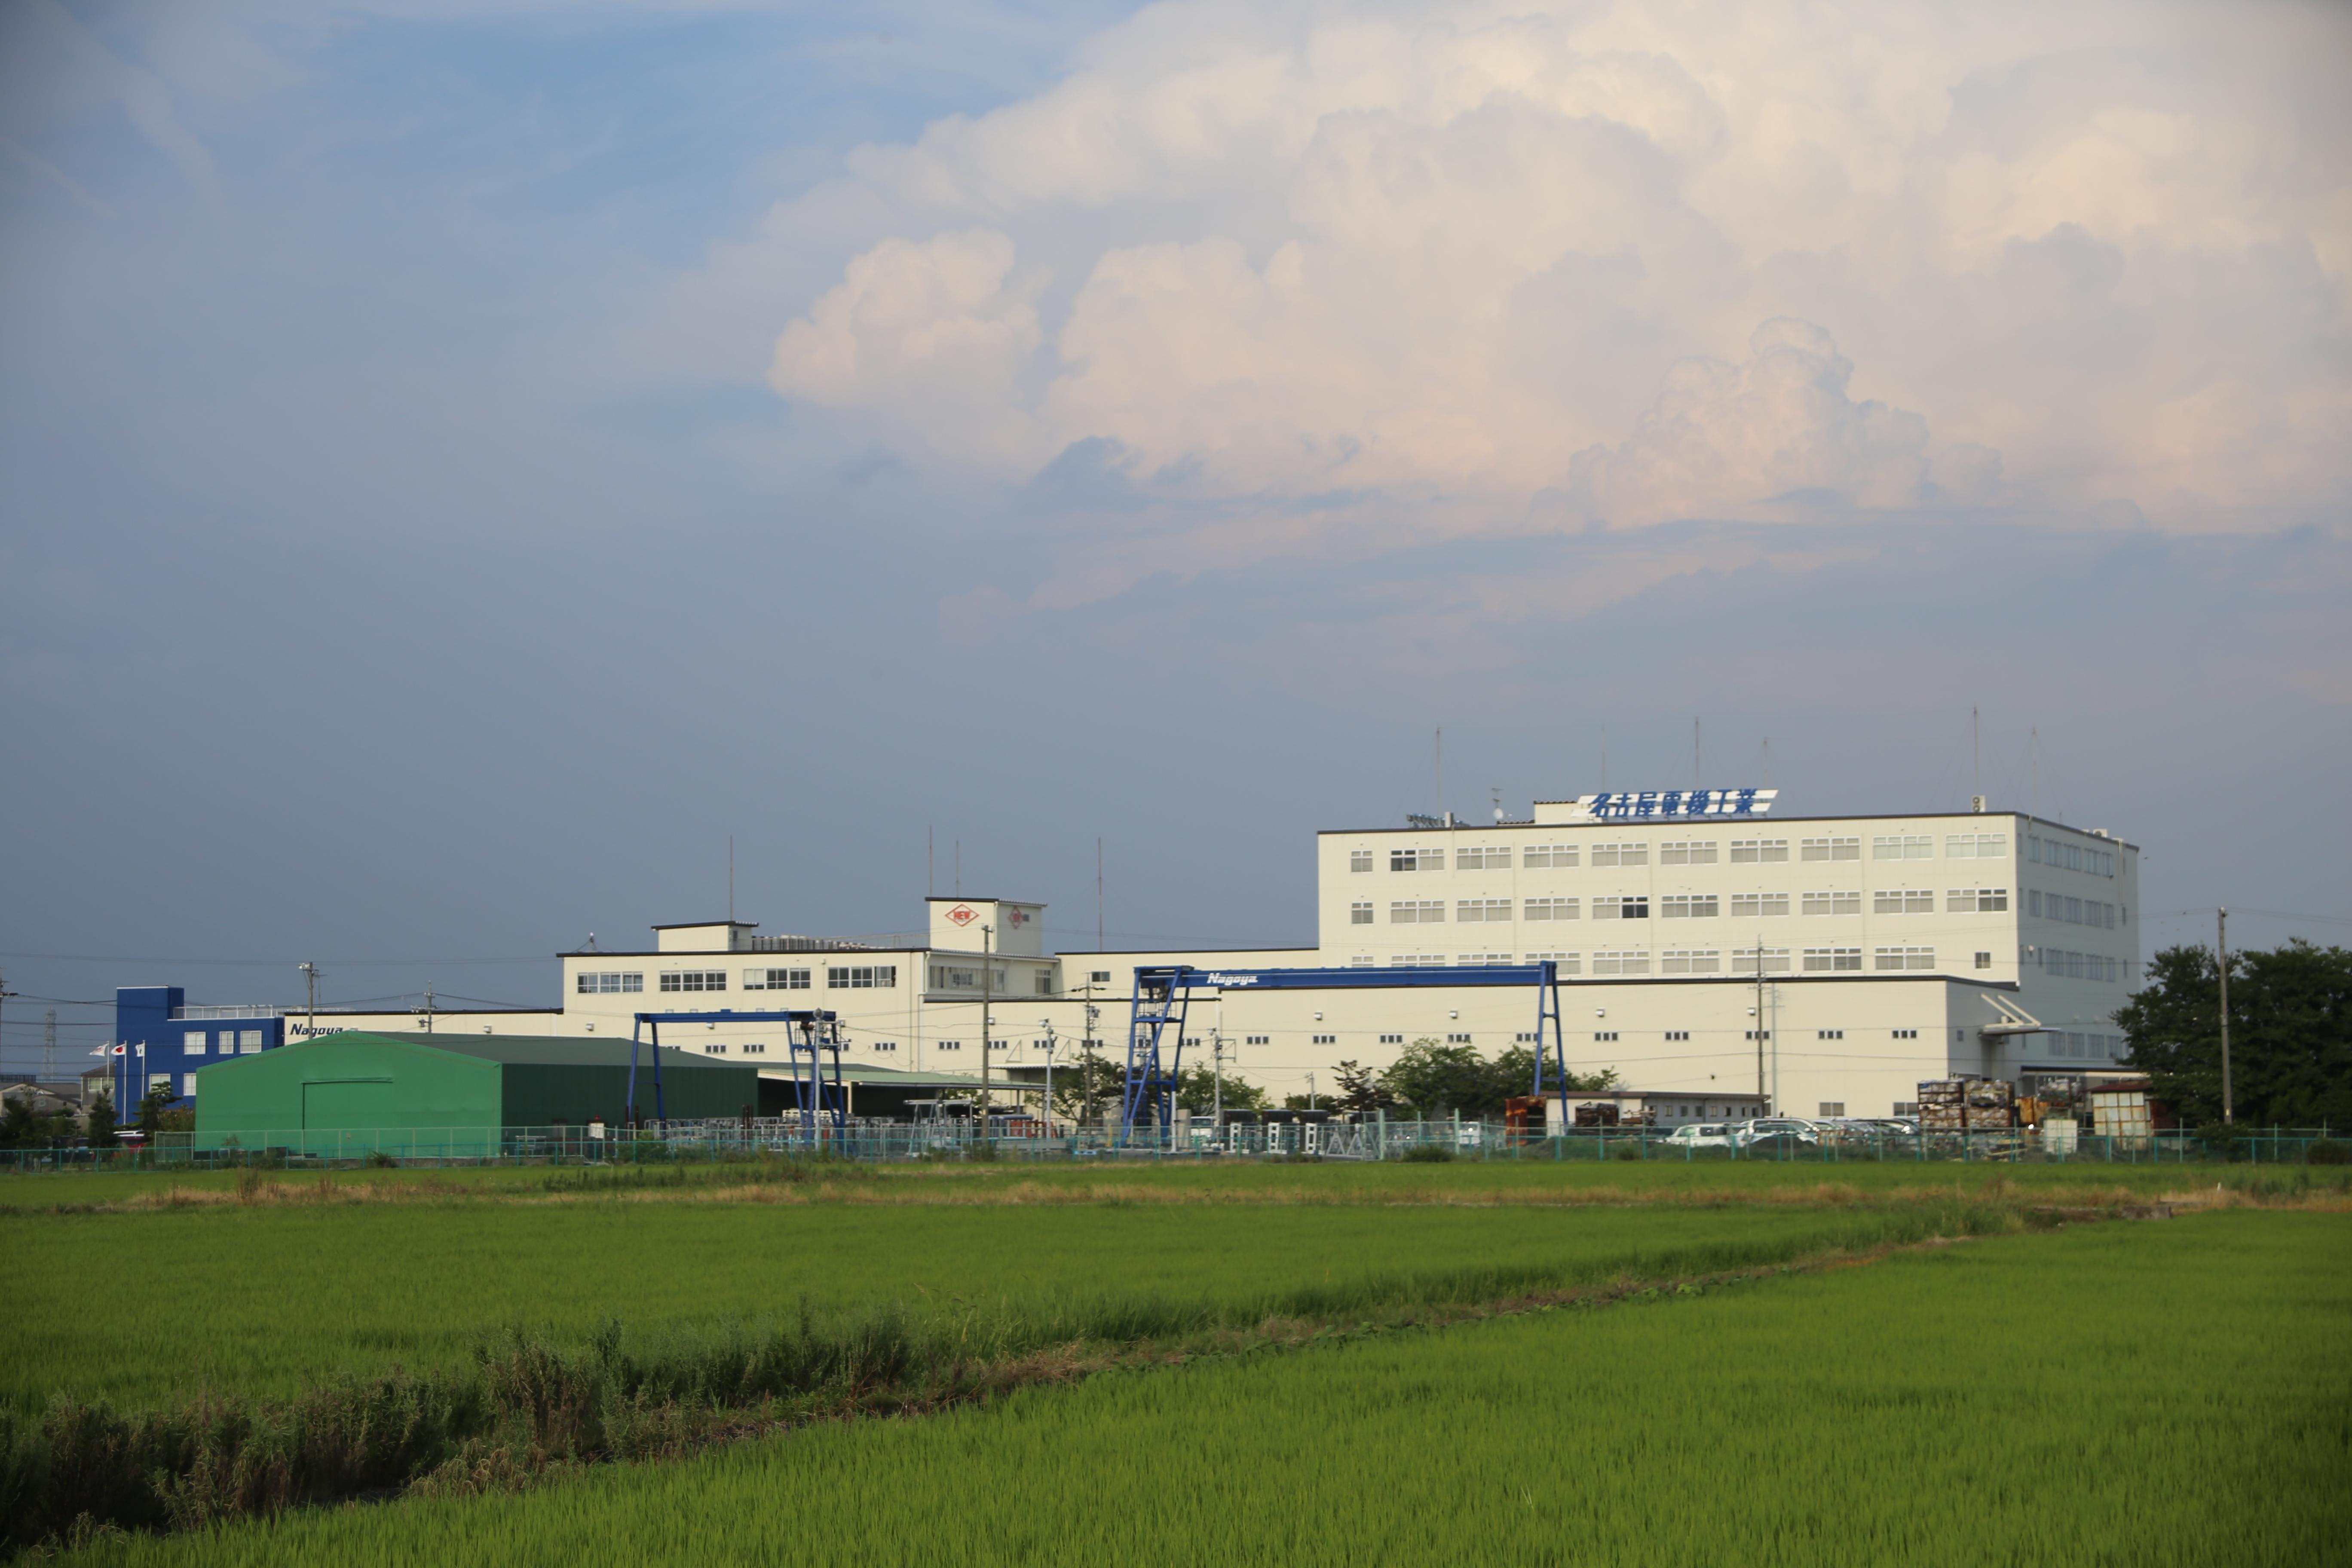 株式 工業 名古屋 会社 電機